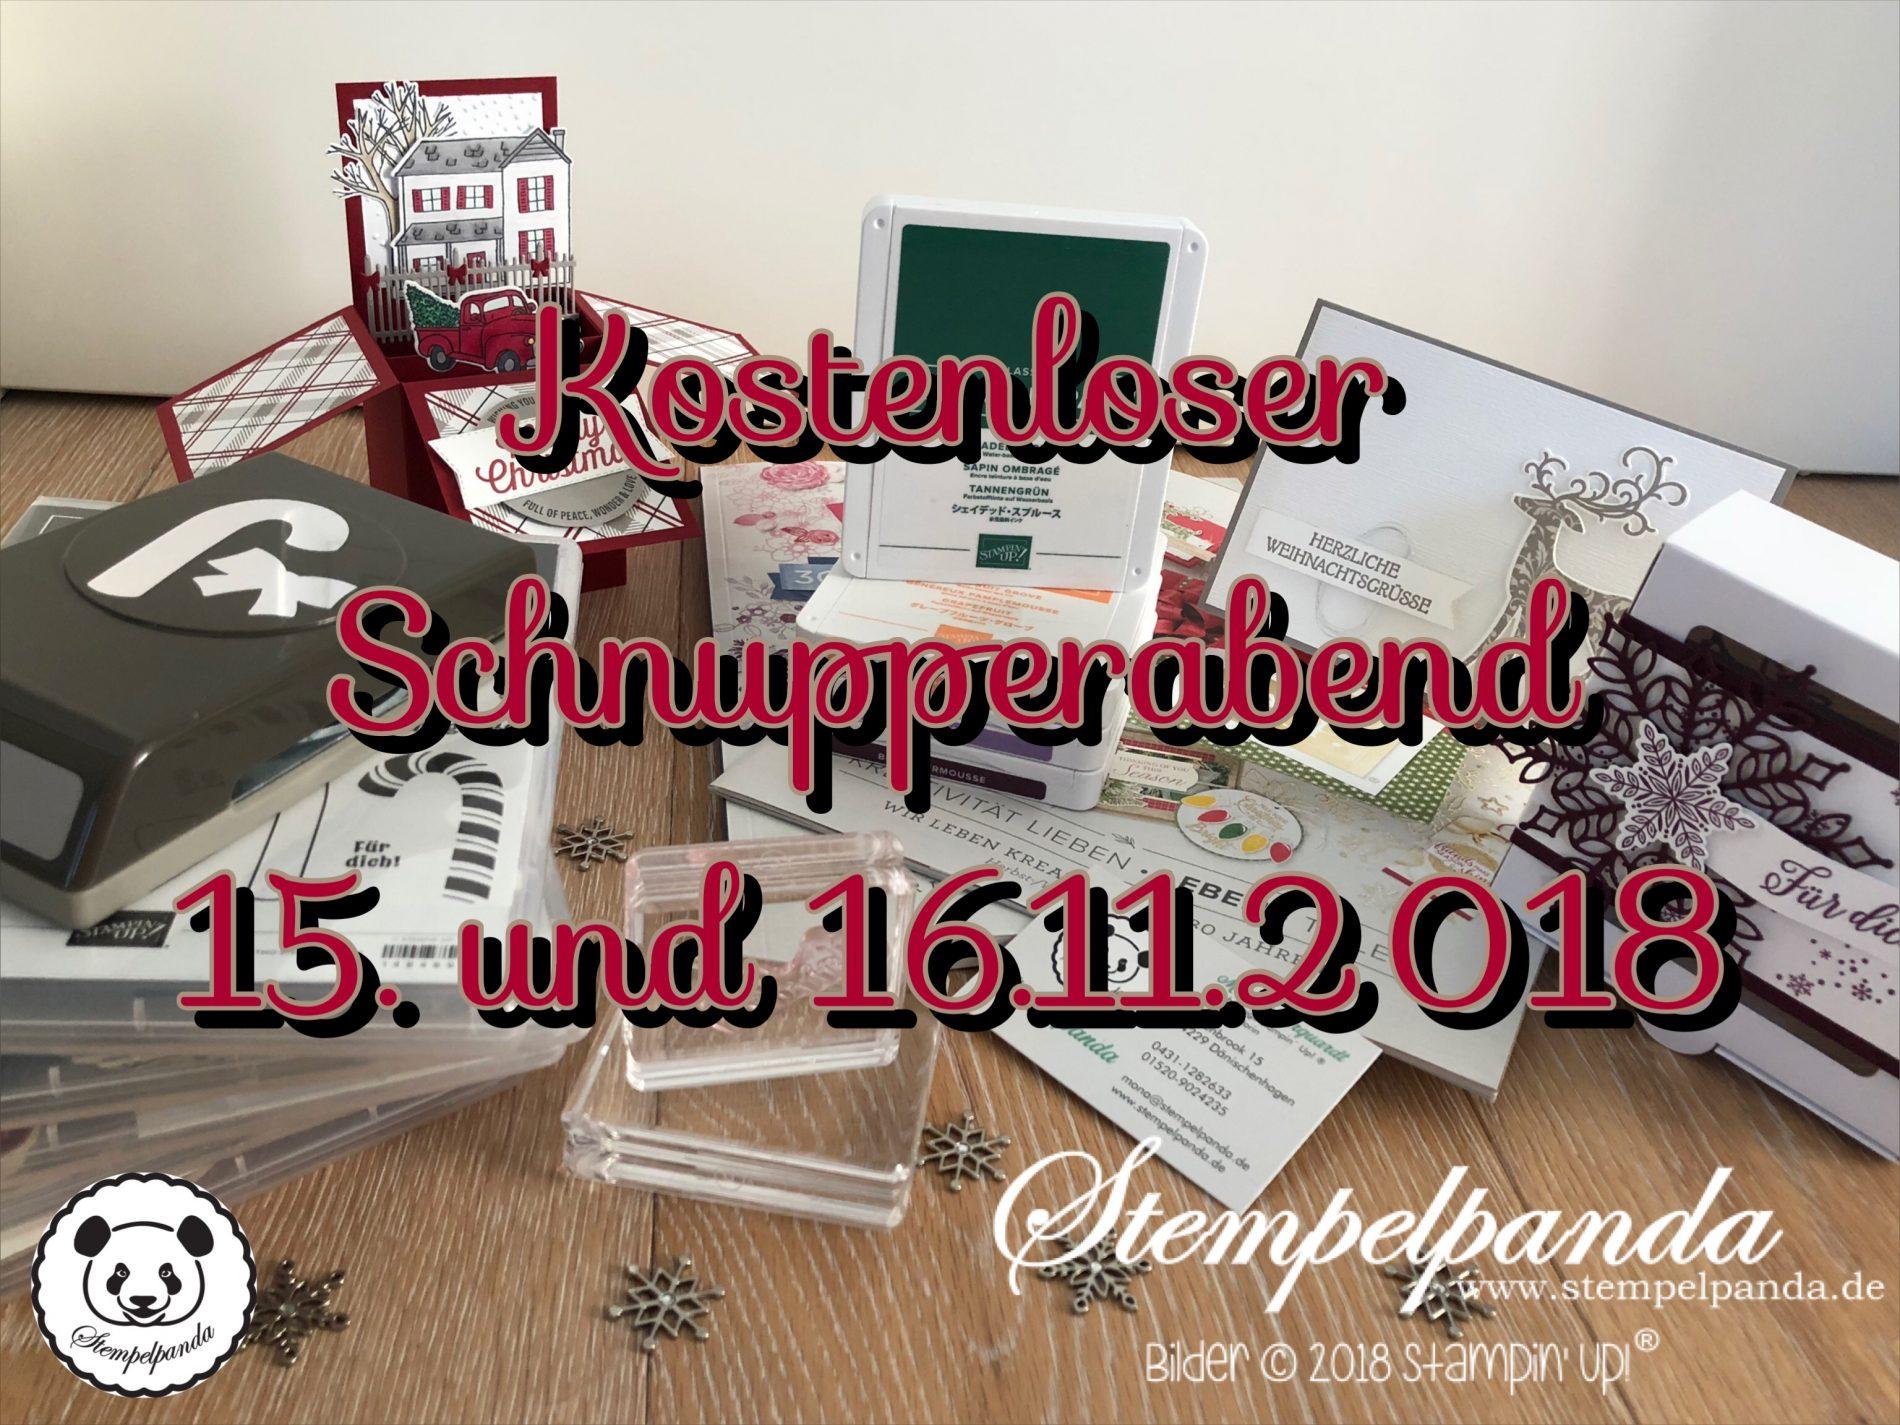 Schnupper-Abend bei Stempelpanda in Dänischenhagen am 15. und 16.11 ...